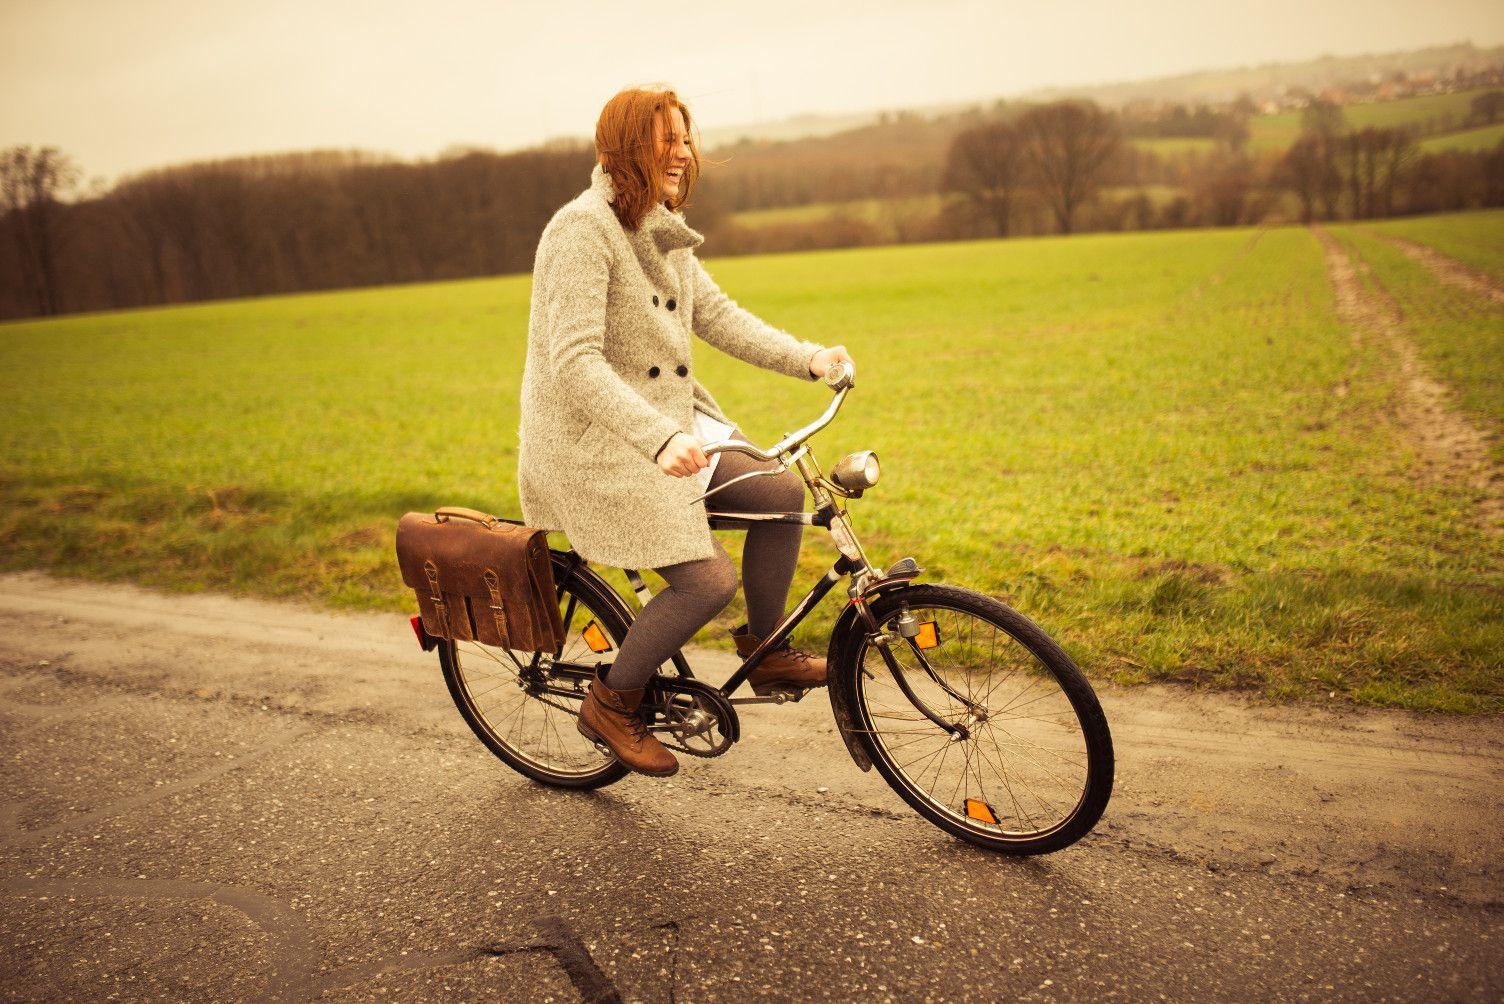 """Mit """"Marc"""" hast du die ideale Mischung aus Bürotasche und Fahrradtasche gefunden. Mit dem einfahcen KLICKfix-System lässt sich die Tasche bequem und schnell am Fahrrad befestigen. - Ledertasche - Echtleder - Gusti Leder - 2B25-20-5wp+"""